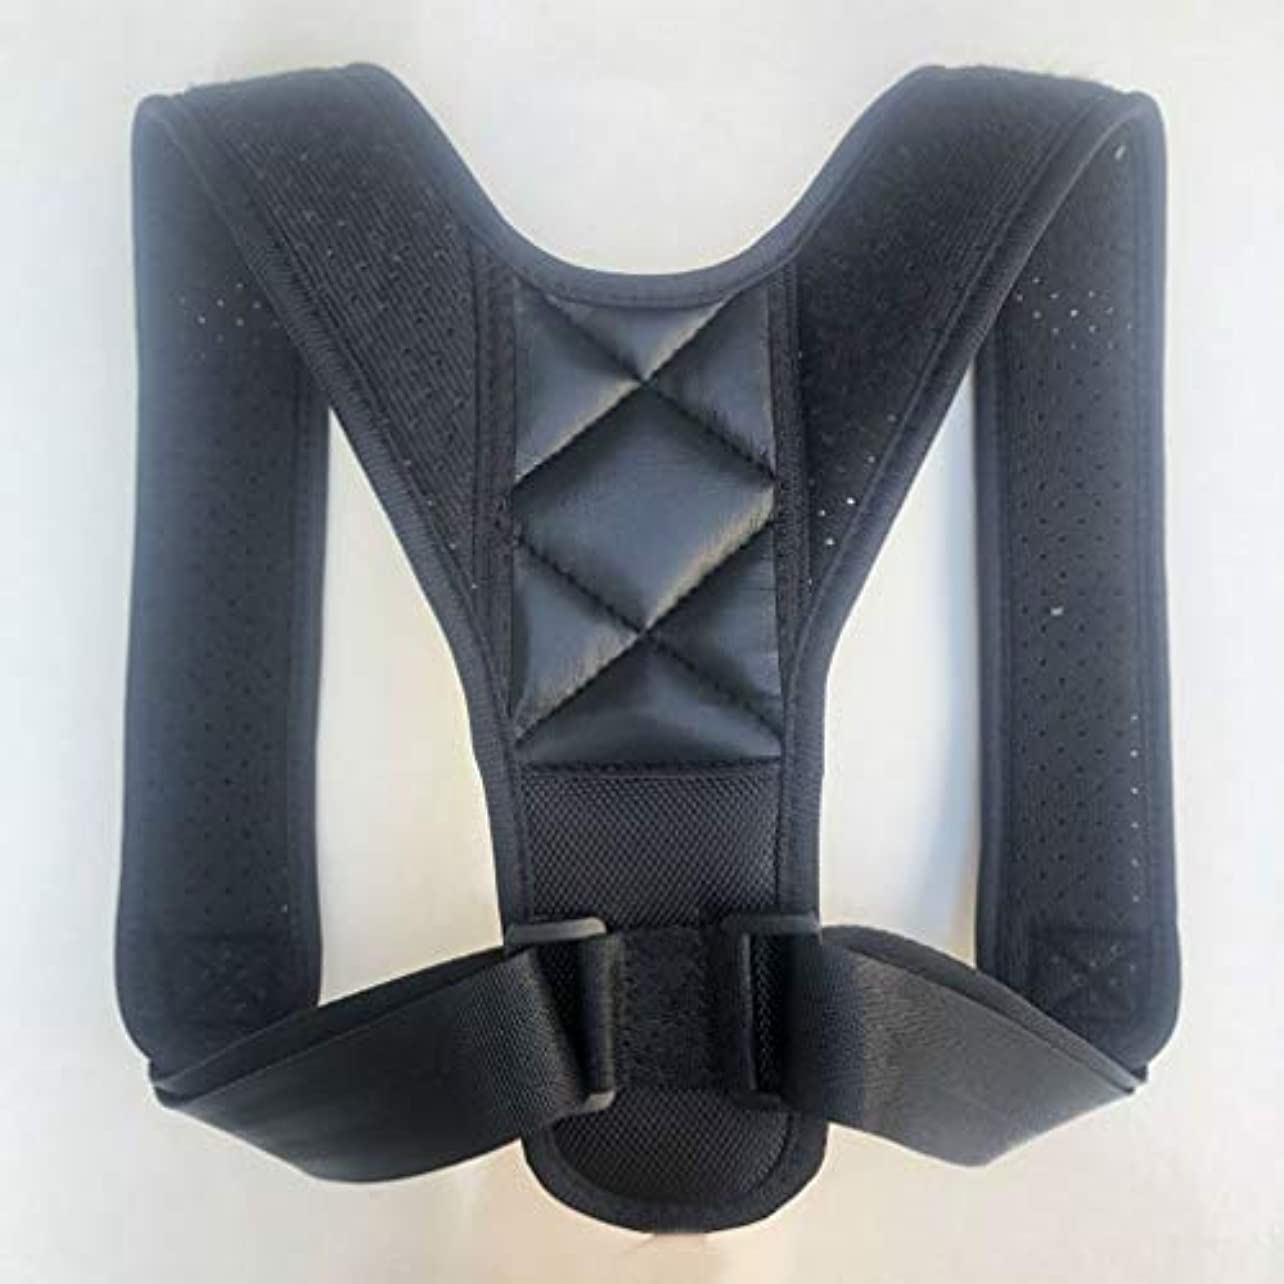 戦艦ブースト情緒的Upper Back Posture Corrector Posture Clavicle Support Corrector Back Straight Shoulders Brace Strap Corrector